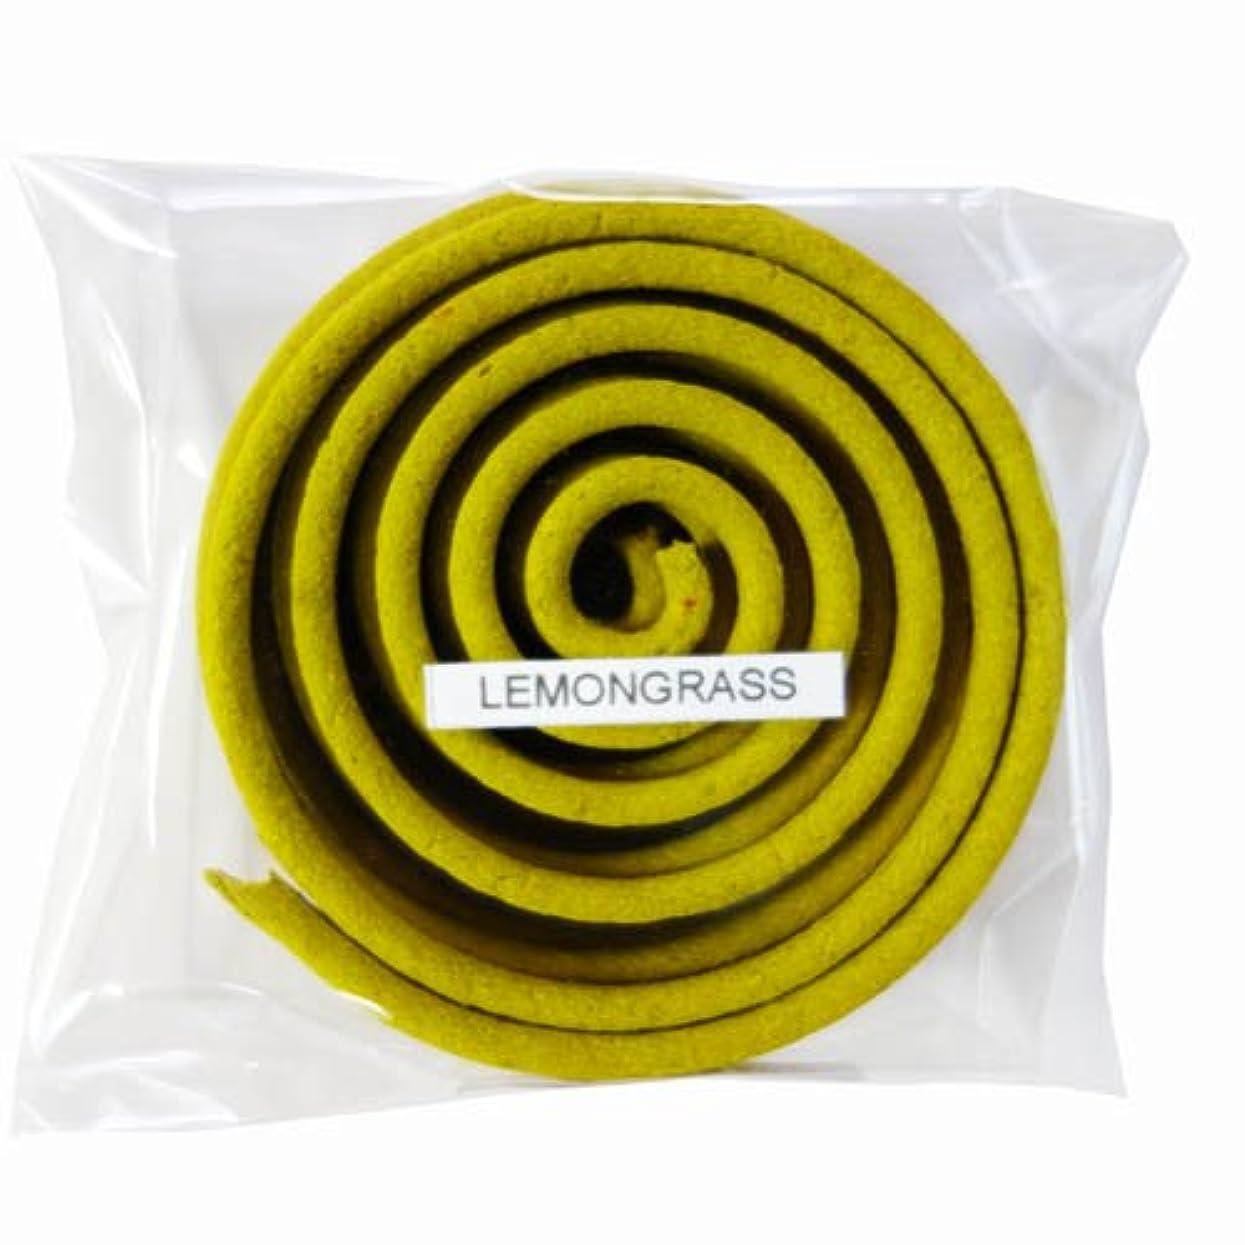 トライアスリート加入たとえお香/うずまき香 LEMONGRASS レモングラス 直径6.5cm×5巻セット [並行輸入品]